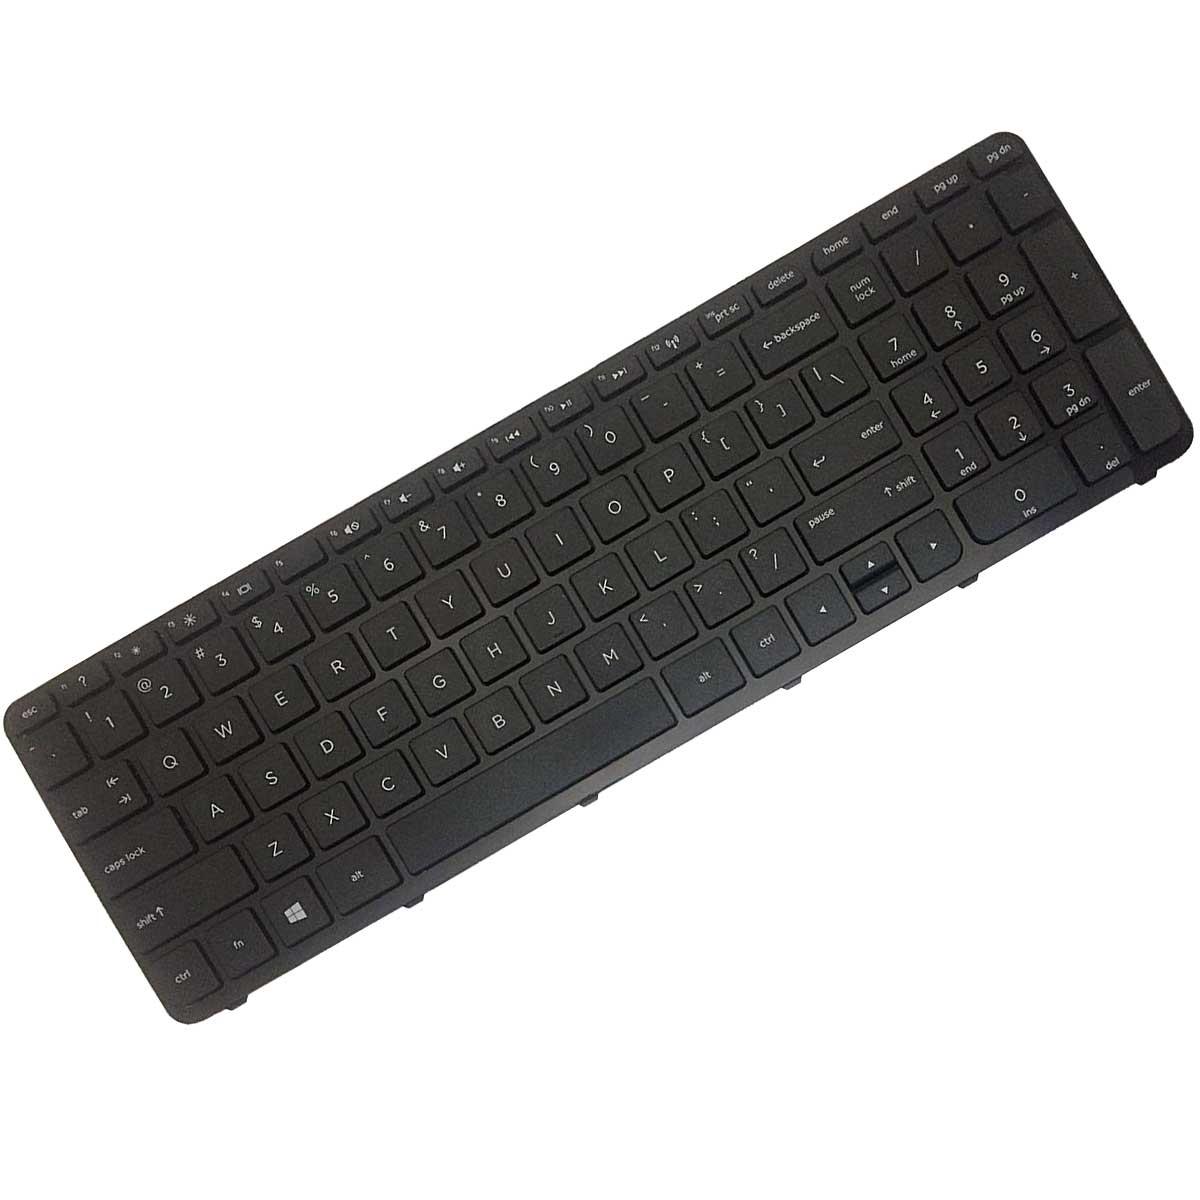 کیبورد لپ تاپ اچ پی Keyboard Laptop Hp PAVILION 15e